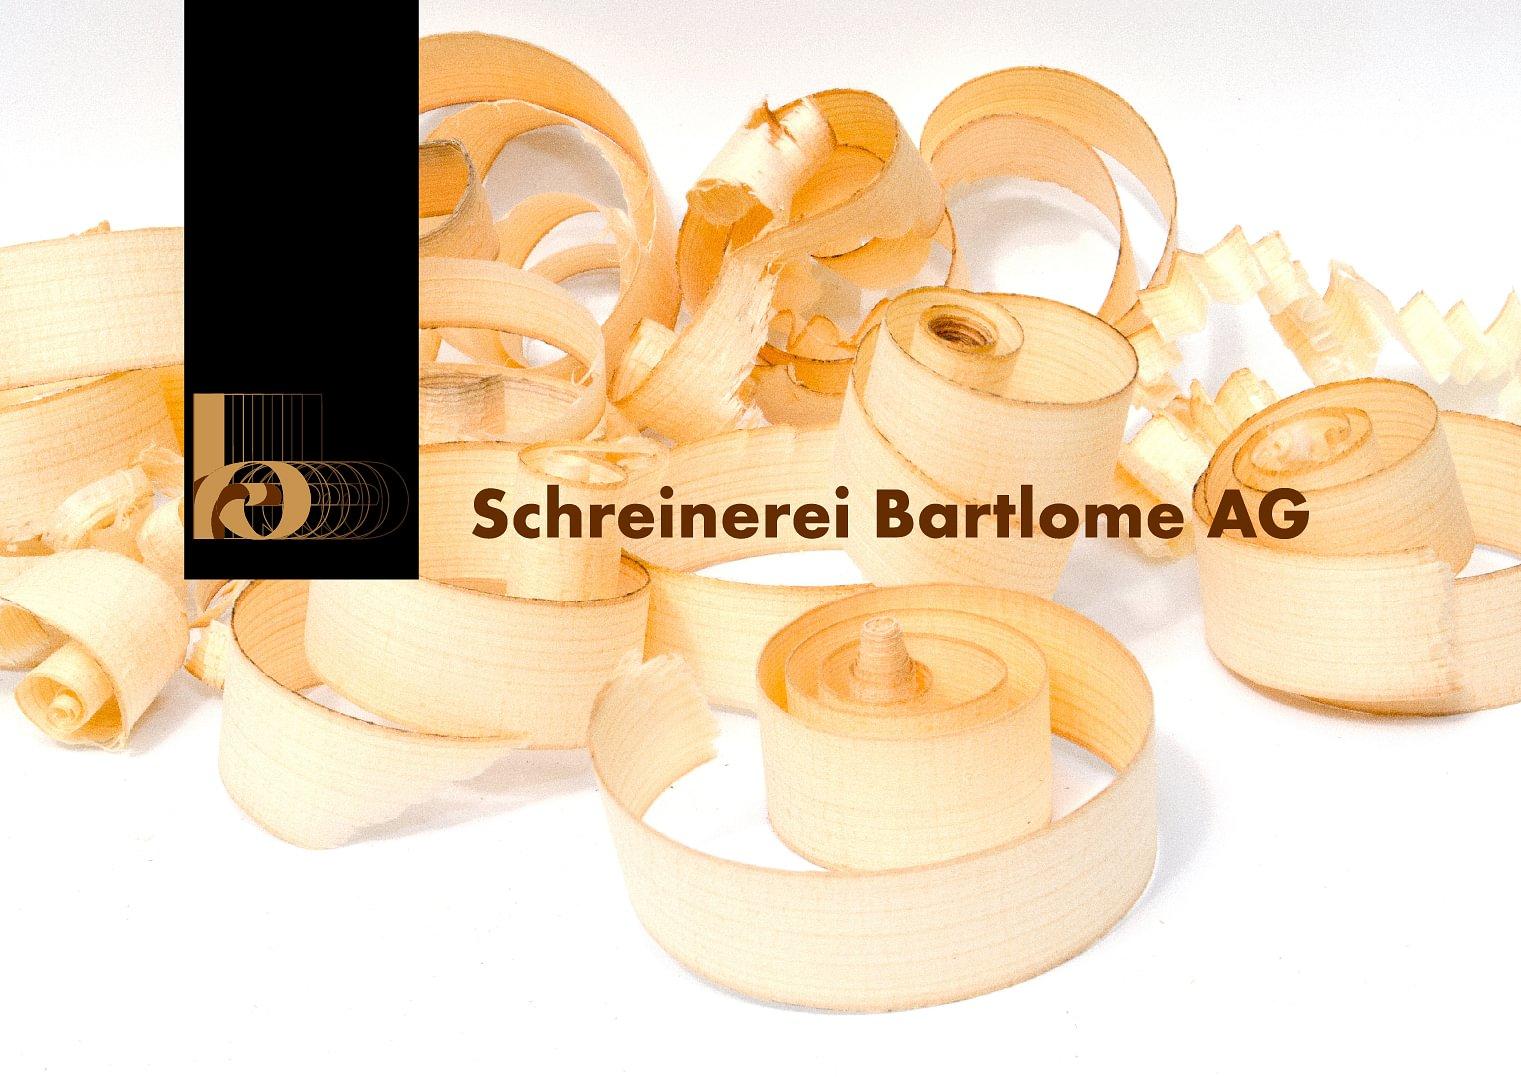 Schreinerei Bartlome AG